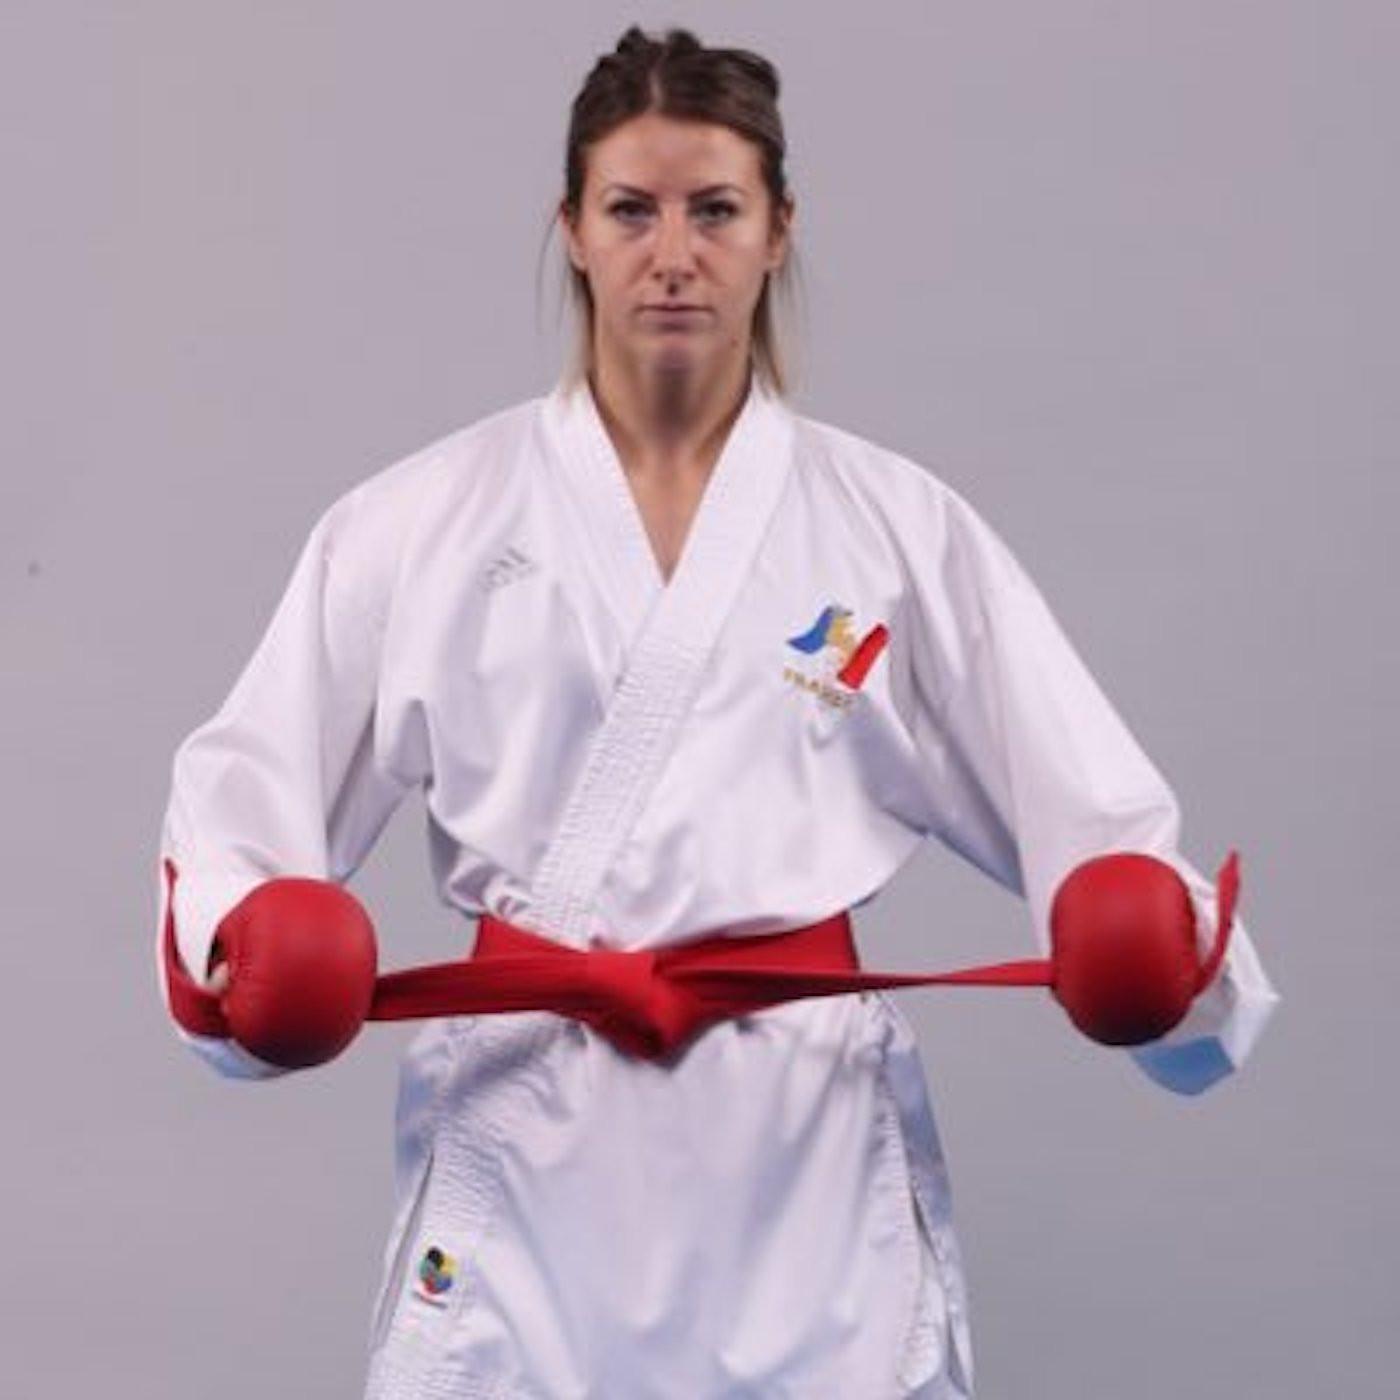 #7 Alexandra Recchia: Avocate et championne du monde de karaté